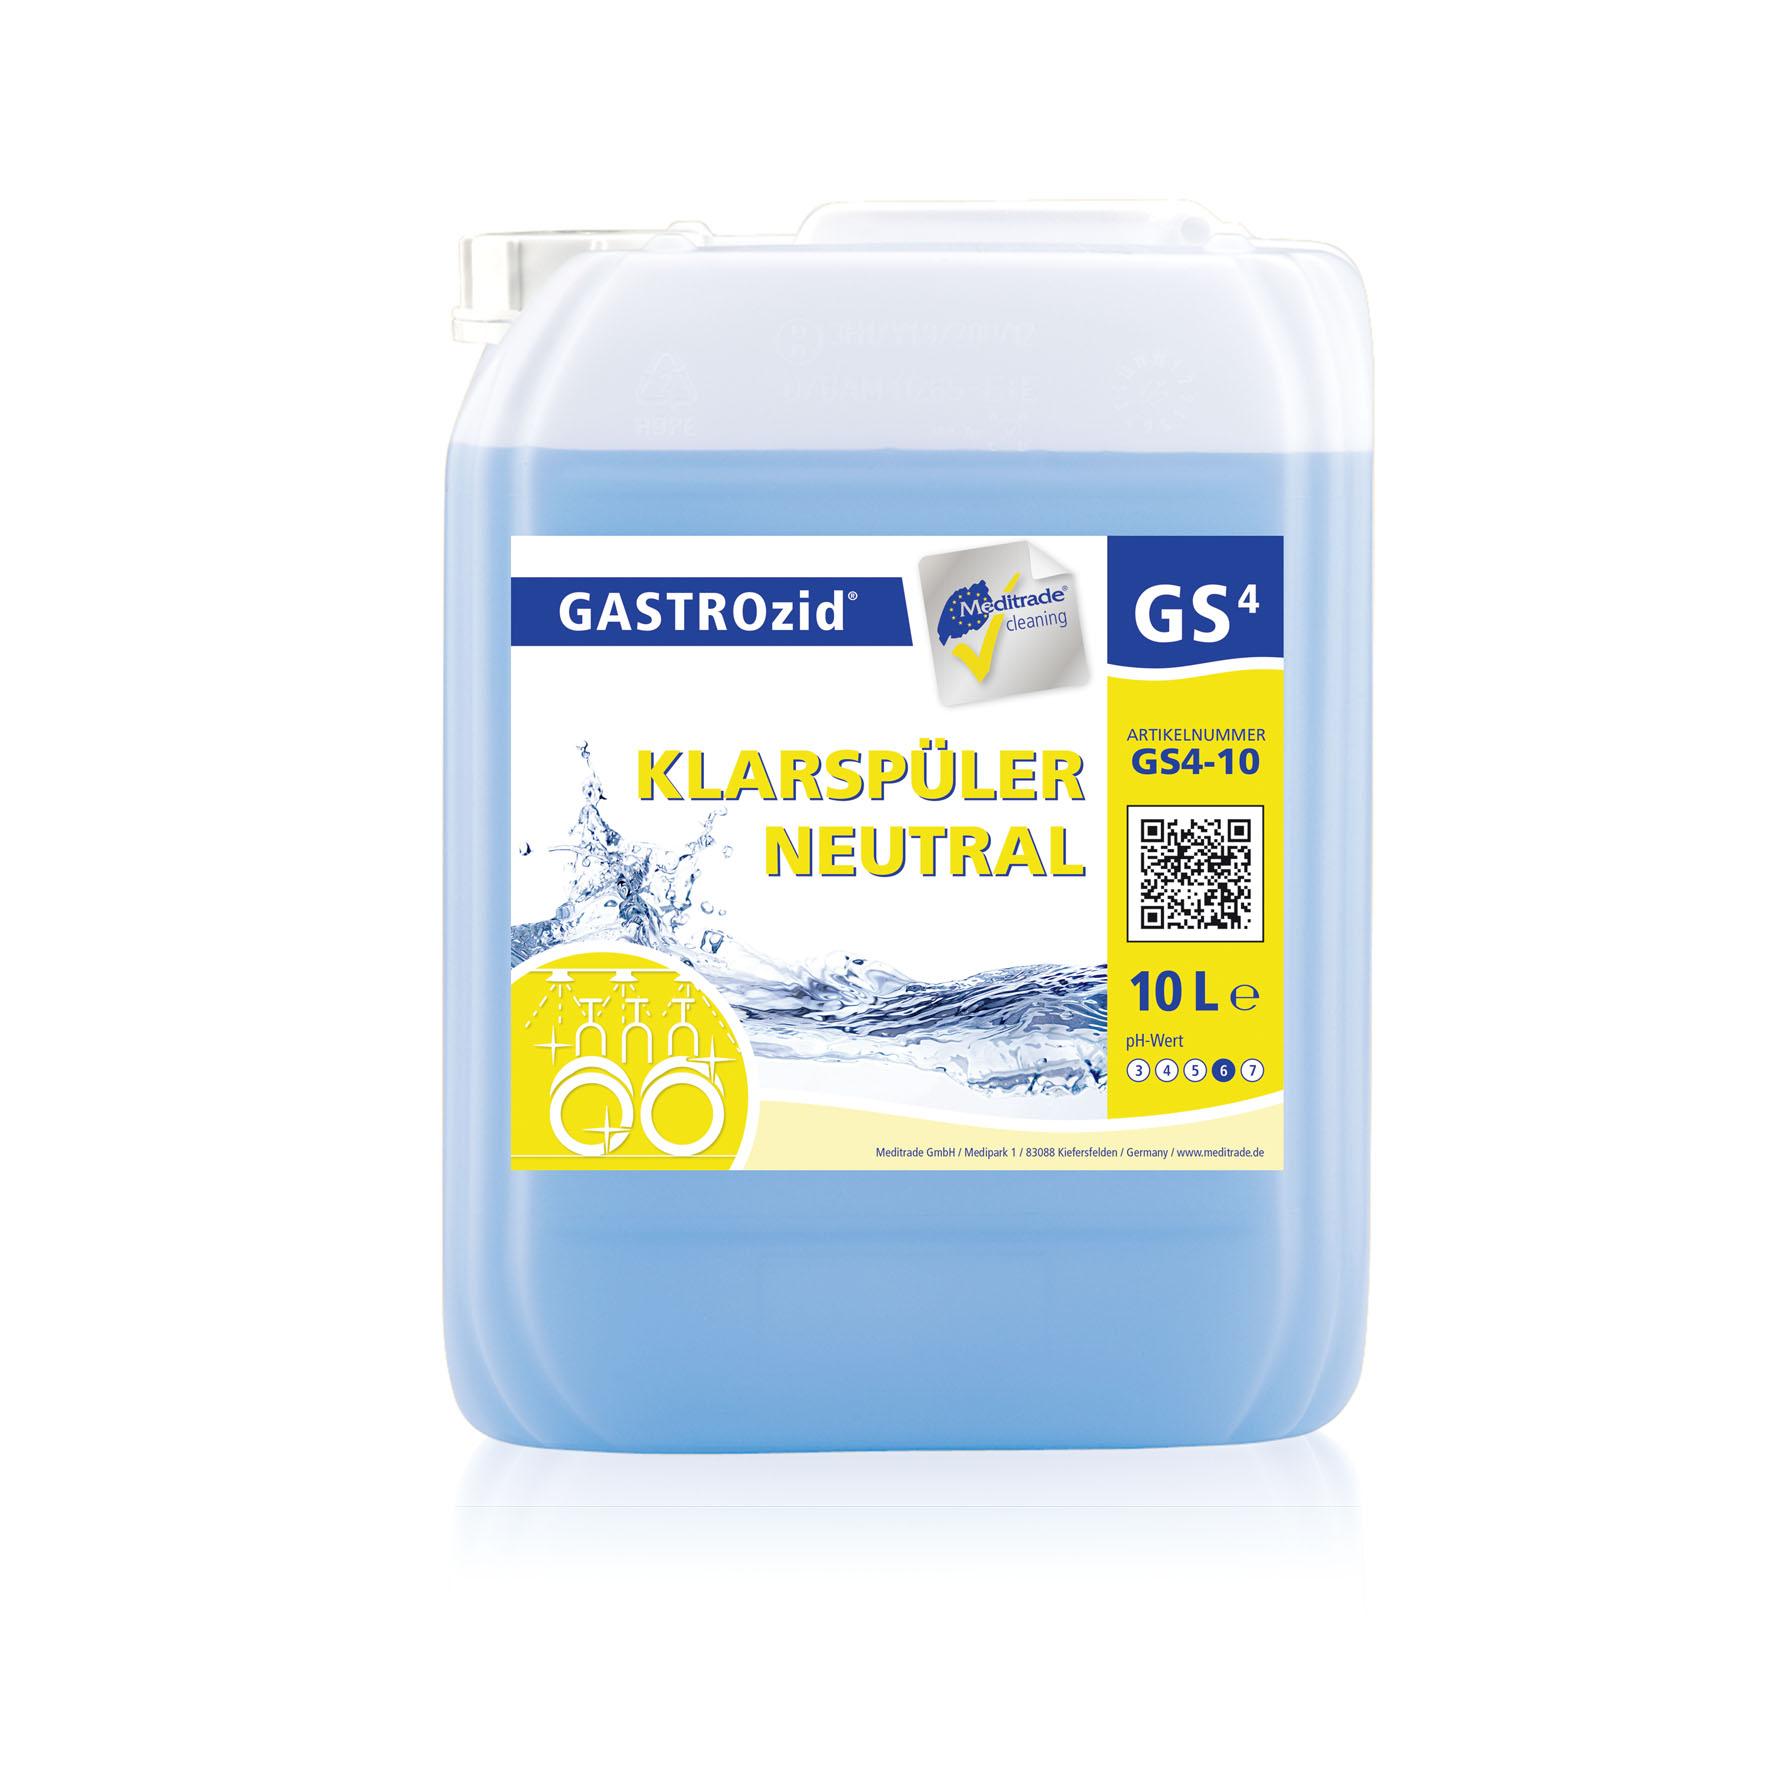 GS4 Klarspüler | neutral